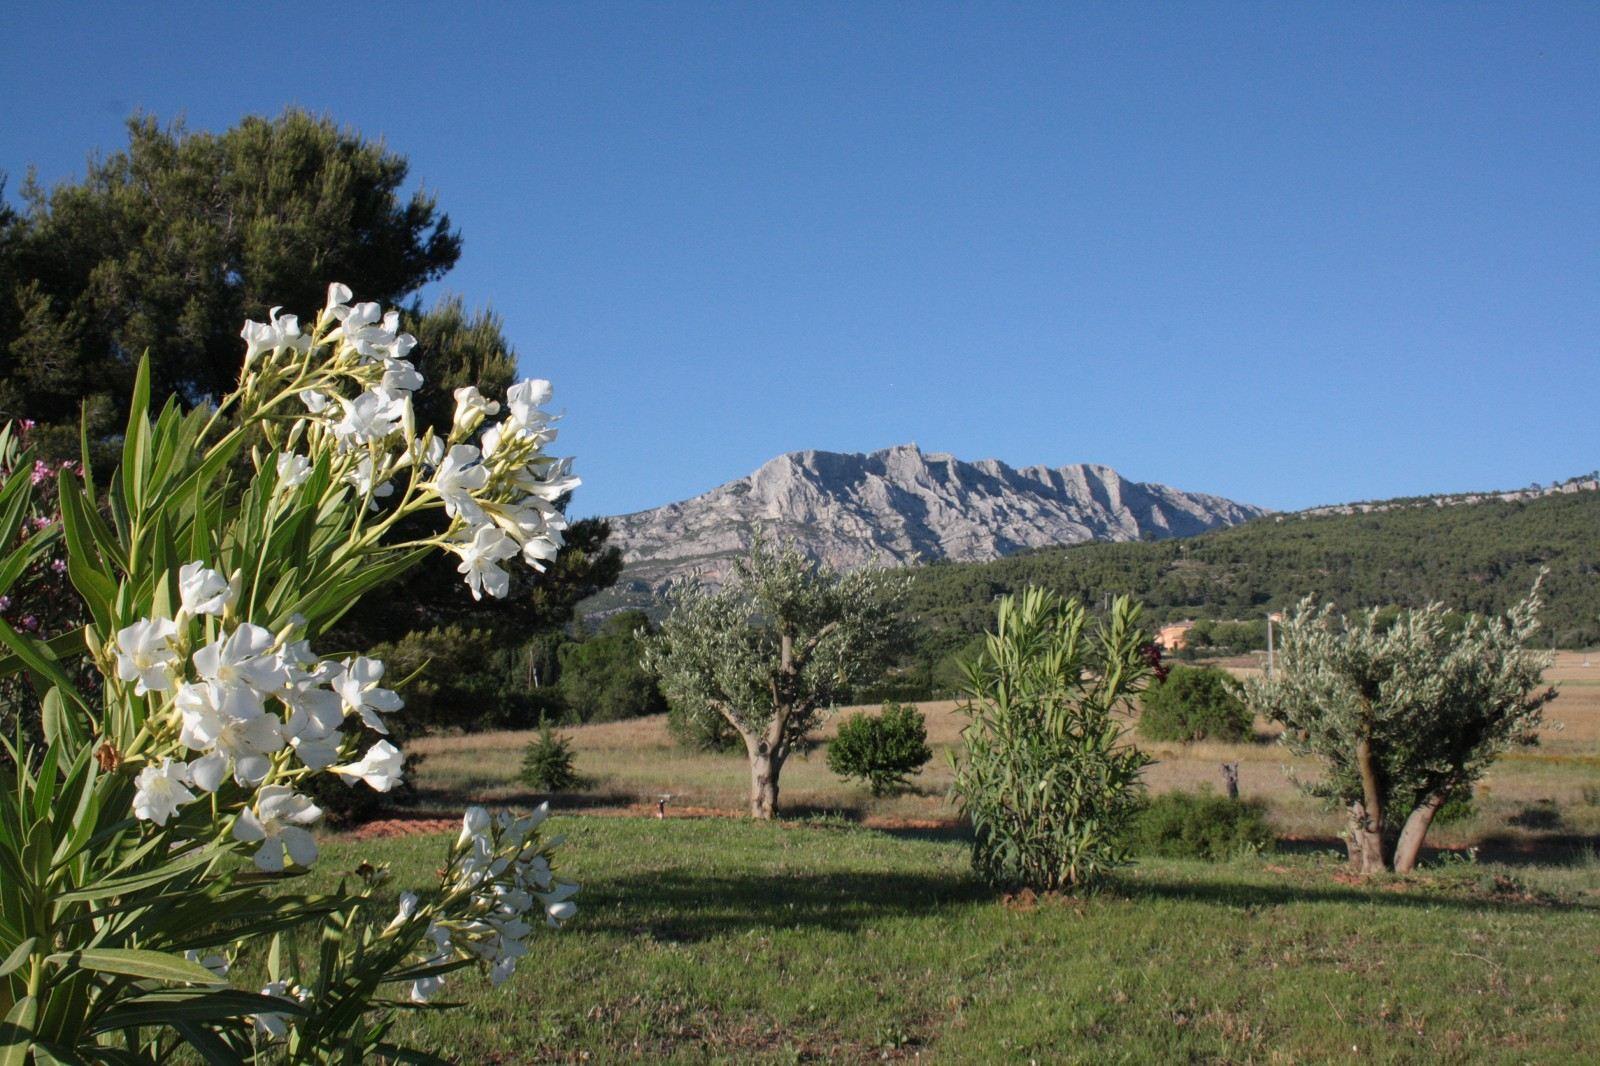 단독 가정 주택 용 매매 에 In the footsteps of Cezanne Other Provence-Alpes-Cote D'Azur, 프로벤스 앞ㄹ프스 코테 D'Azur, 13100 프랑스